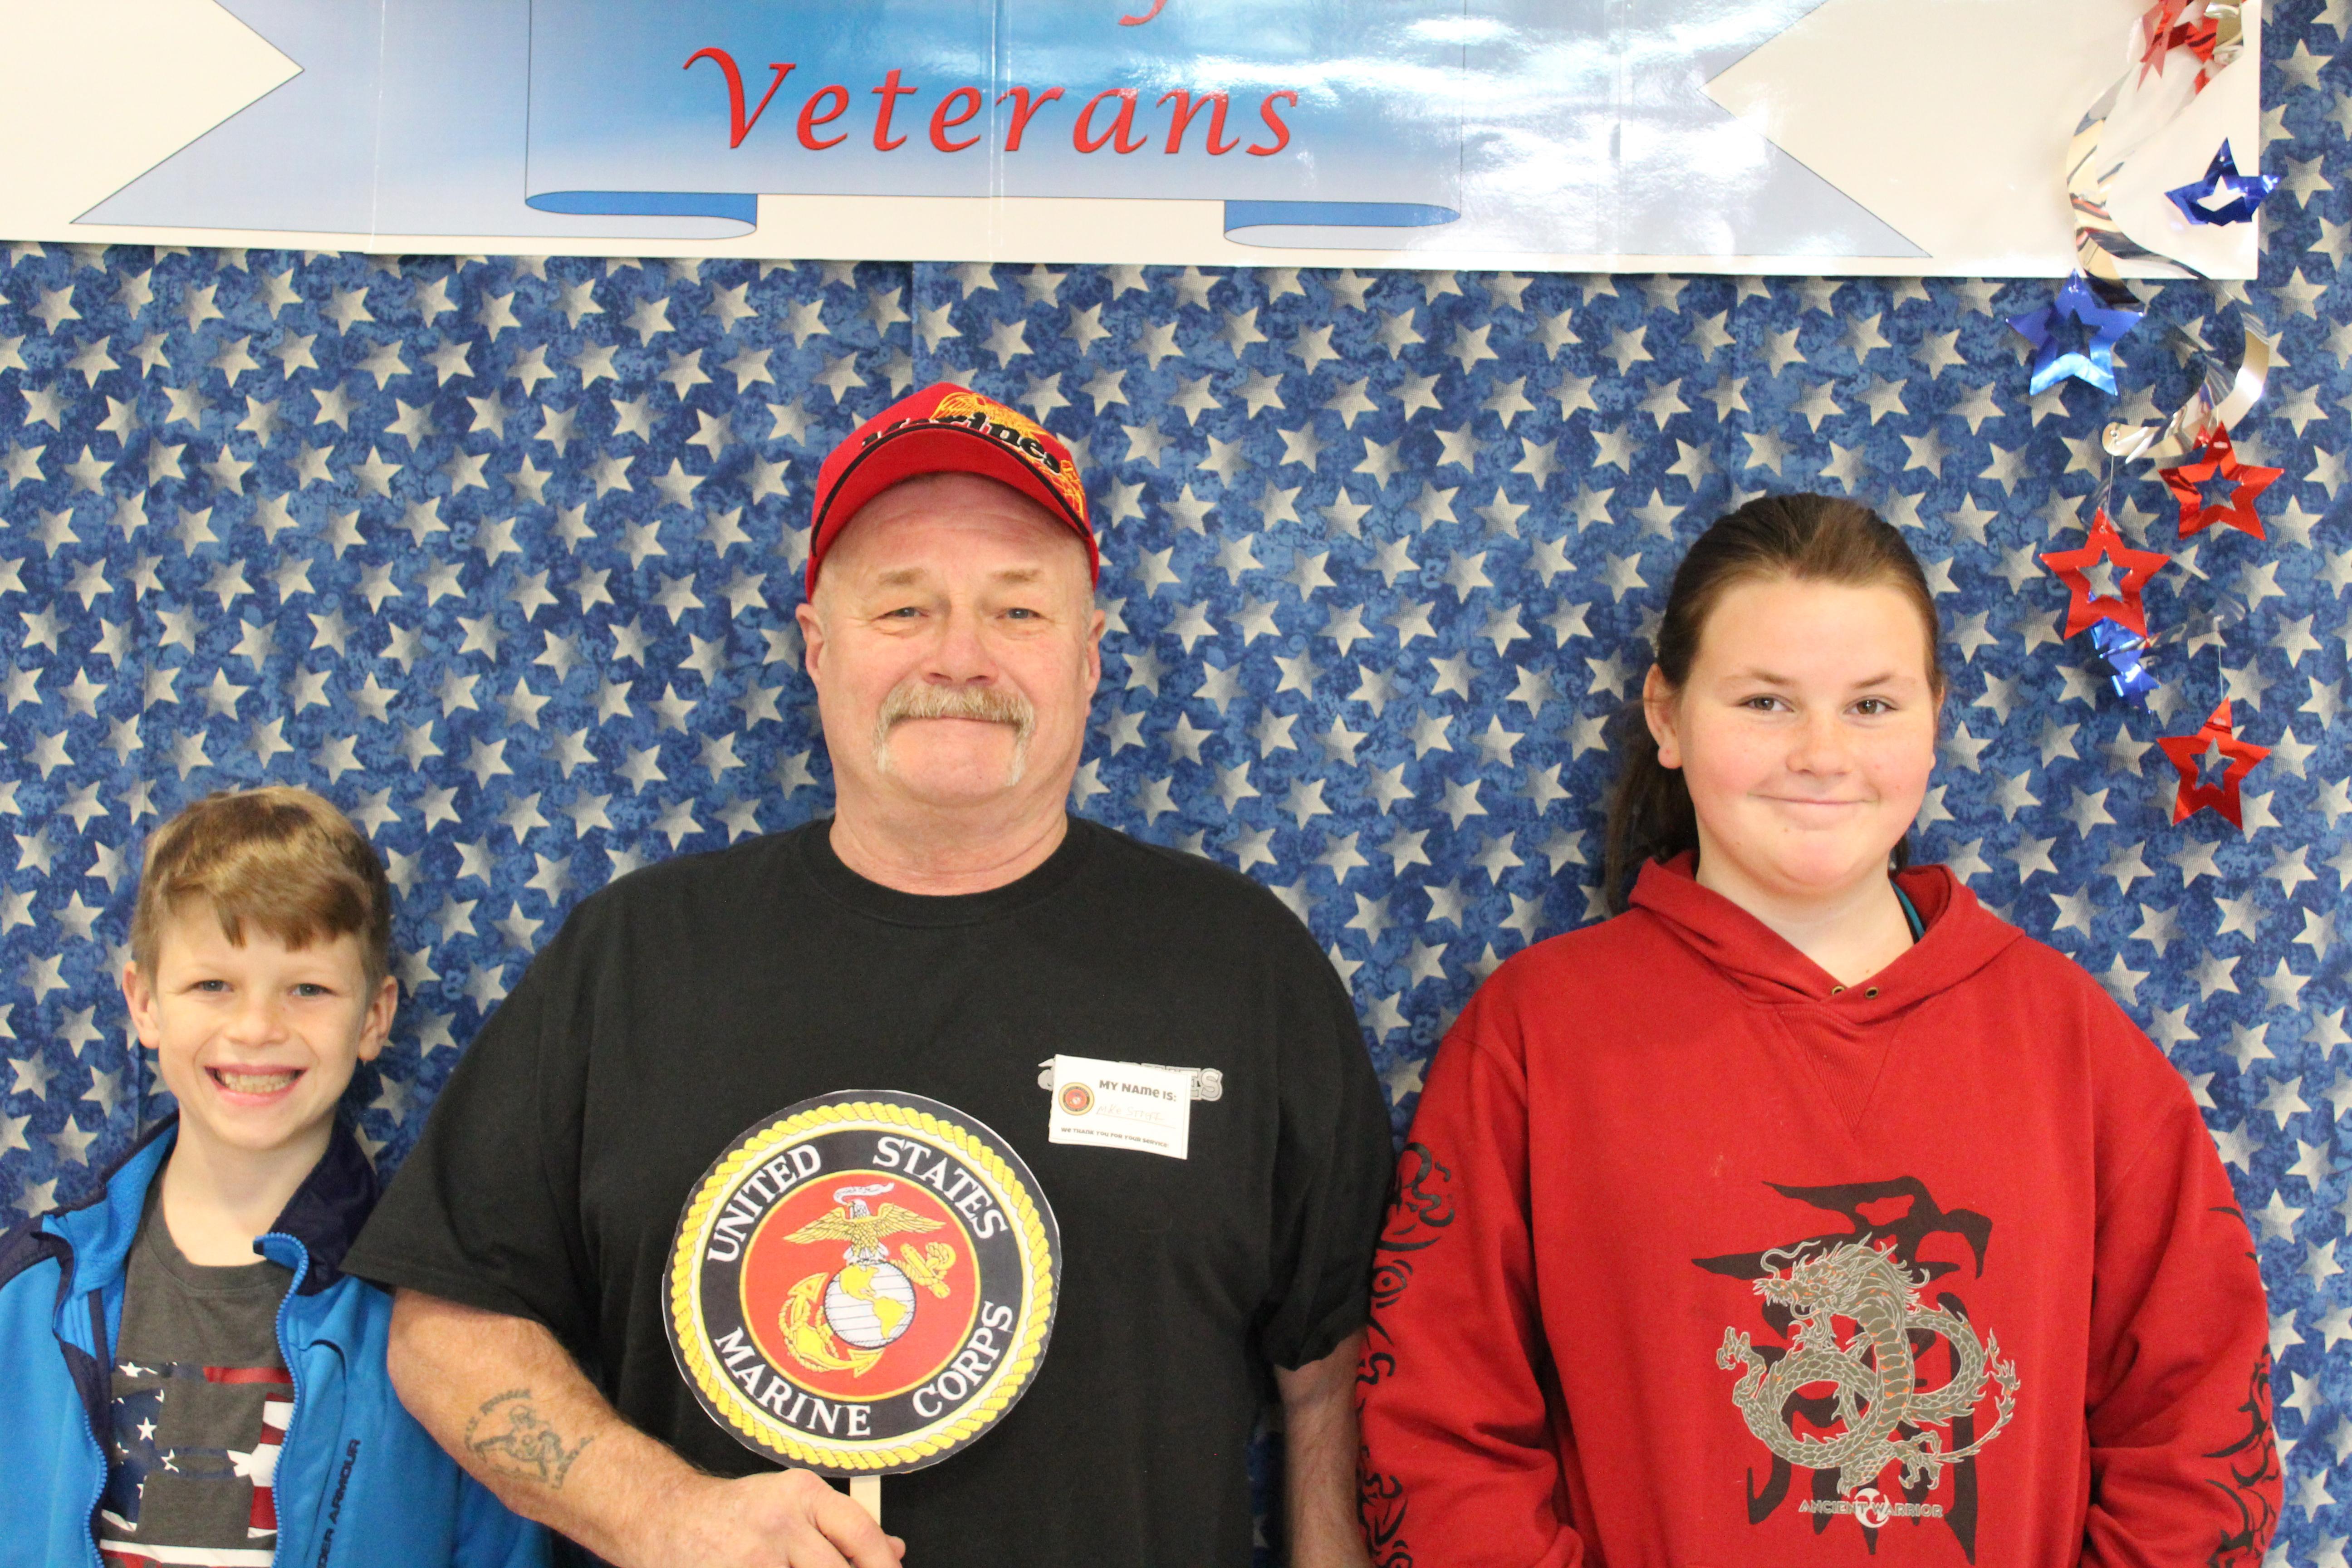 vets day 1